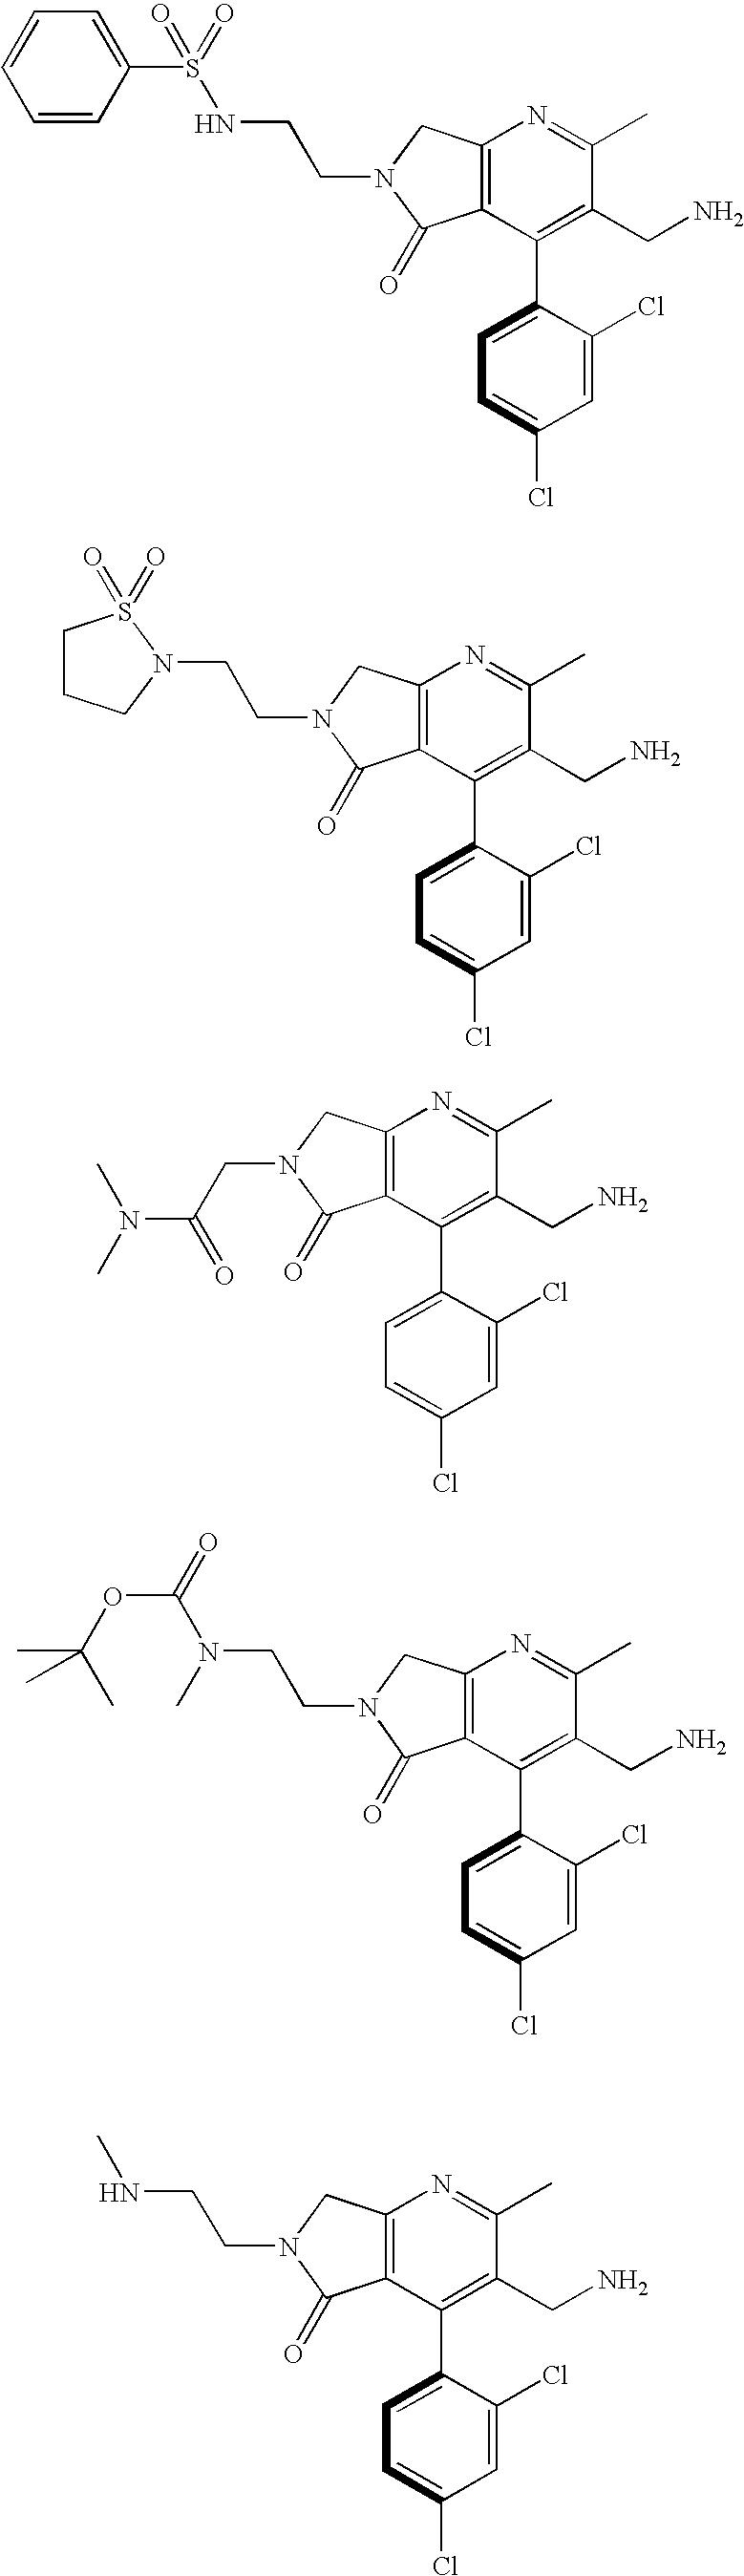 Figure US07521557-20090421-C00324